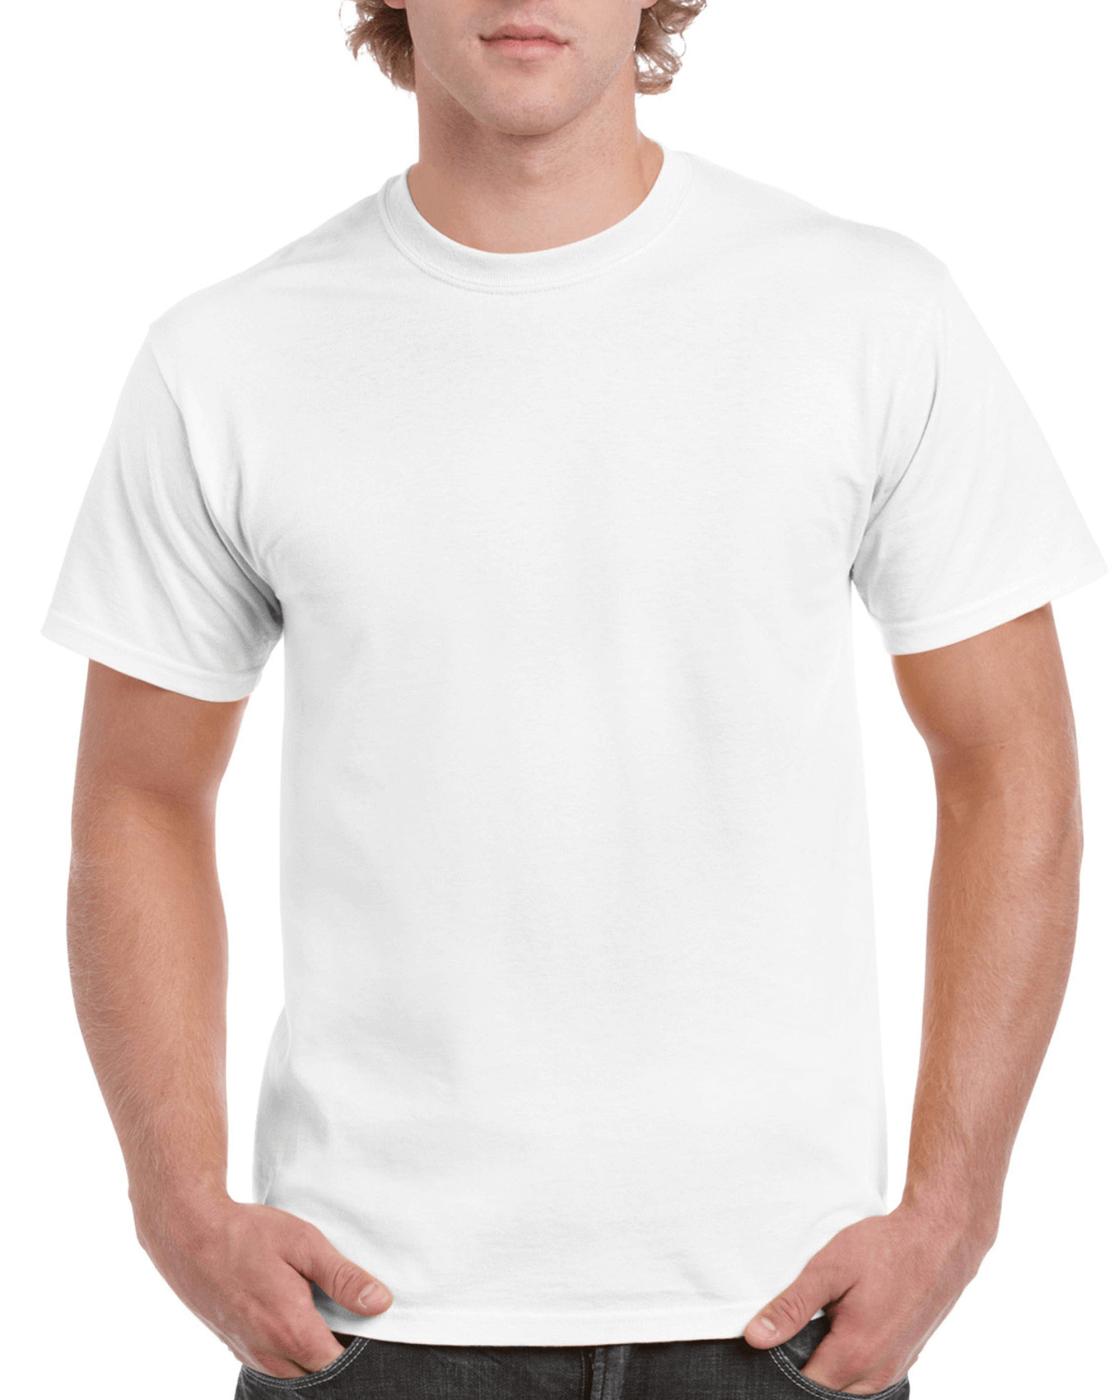 Gildan G2000 T-shirt